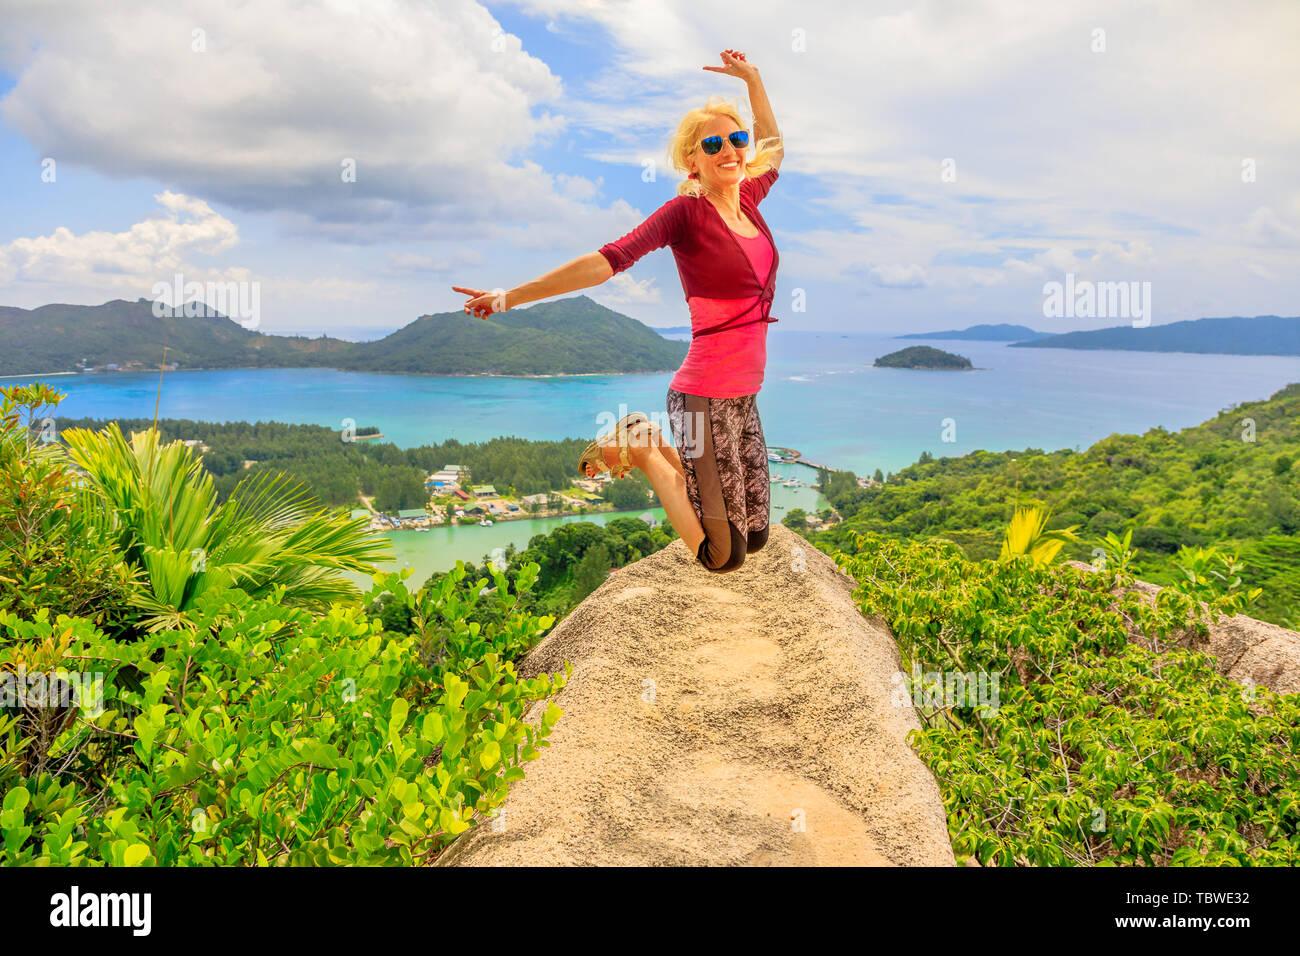 Praslin, Seychelles liberté femme sautant. Heureux joyeux cavalier touristiques à l'île de lookout après une randonnée à l'intérieur de la réserve de fond Ferdinand. Scenic top Photo Stock